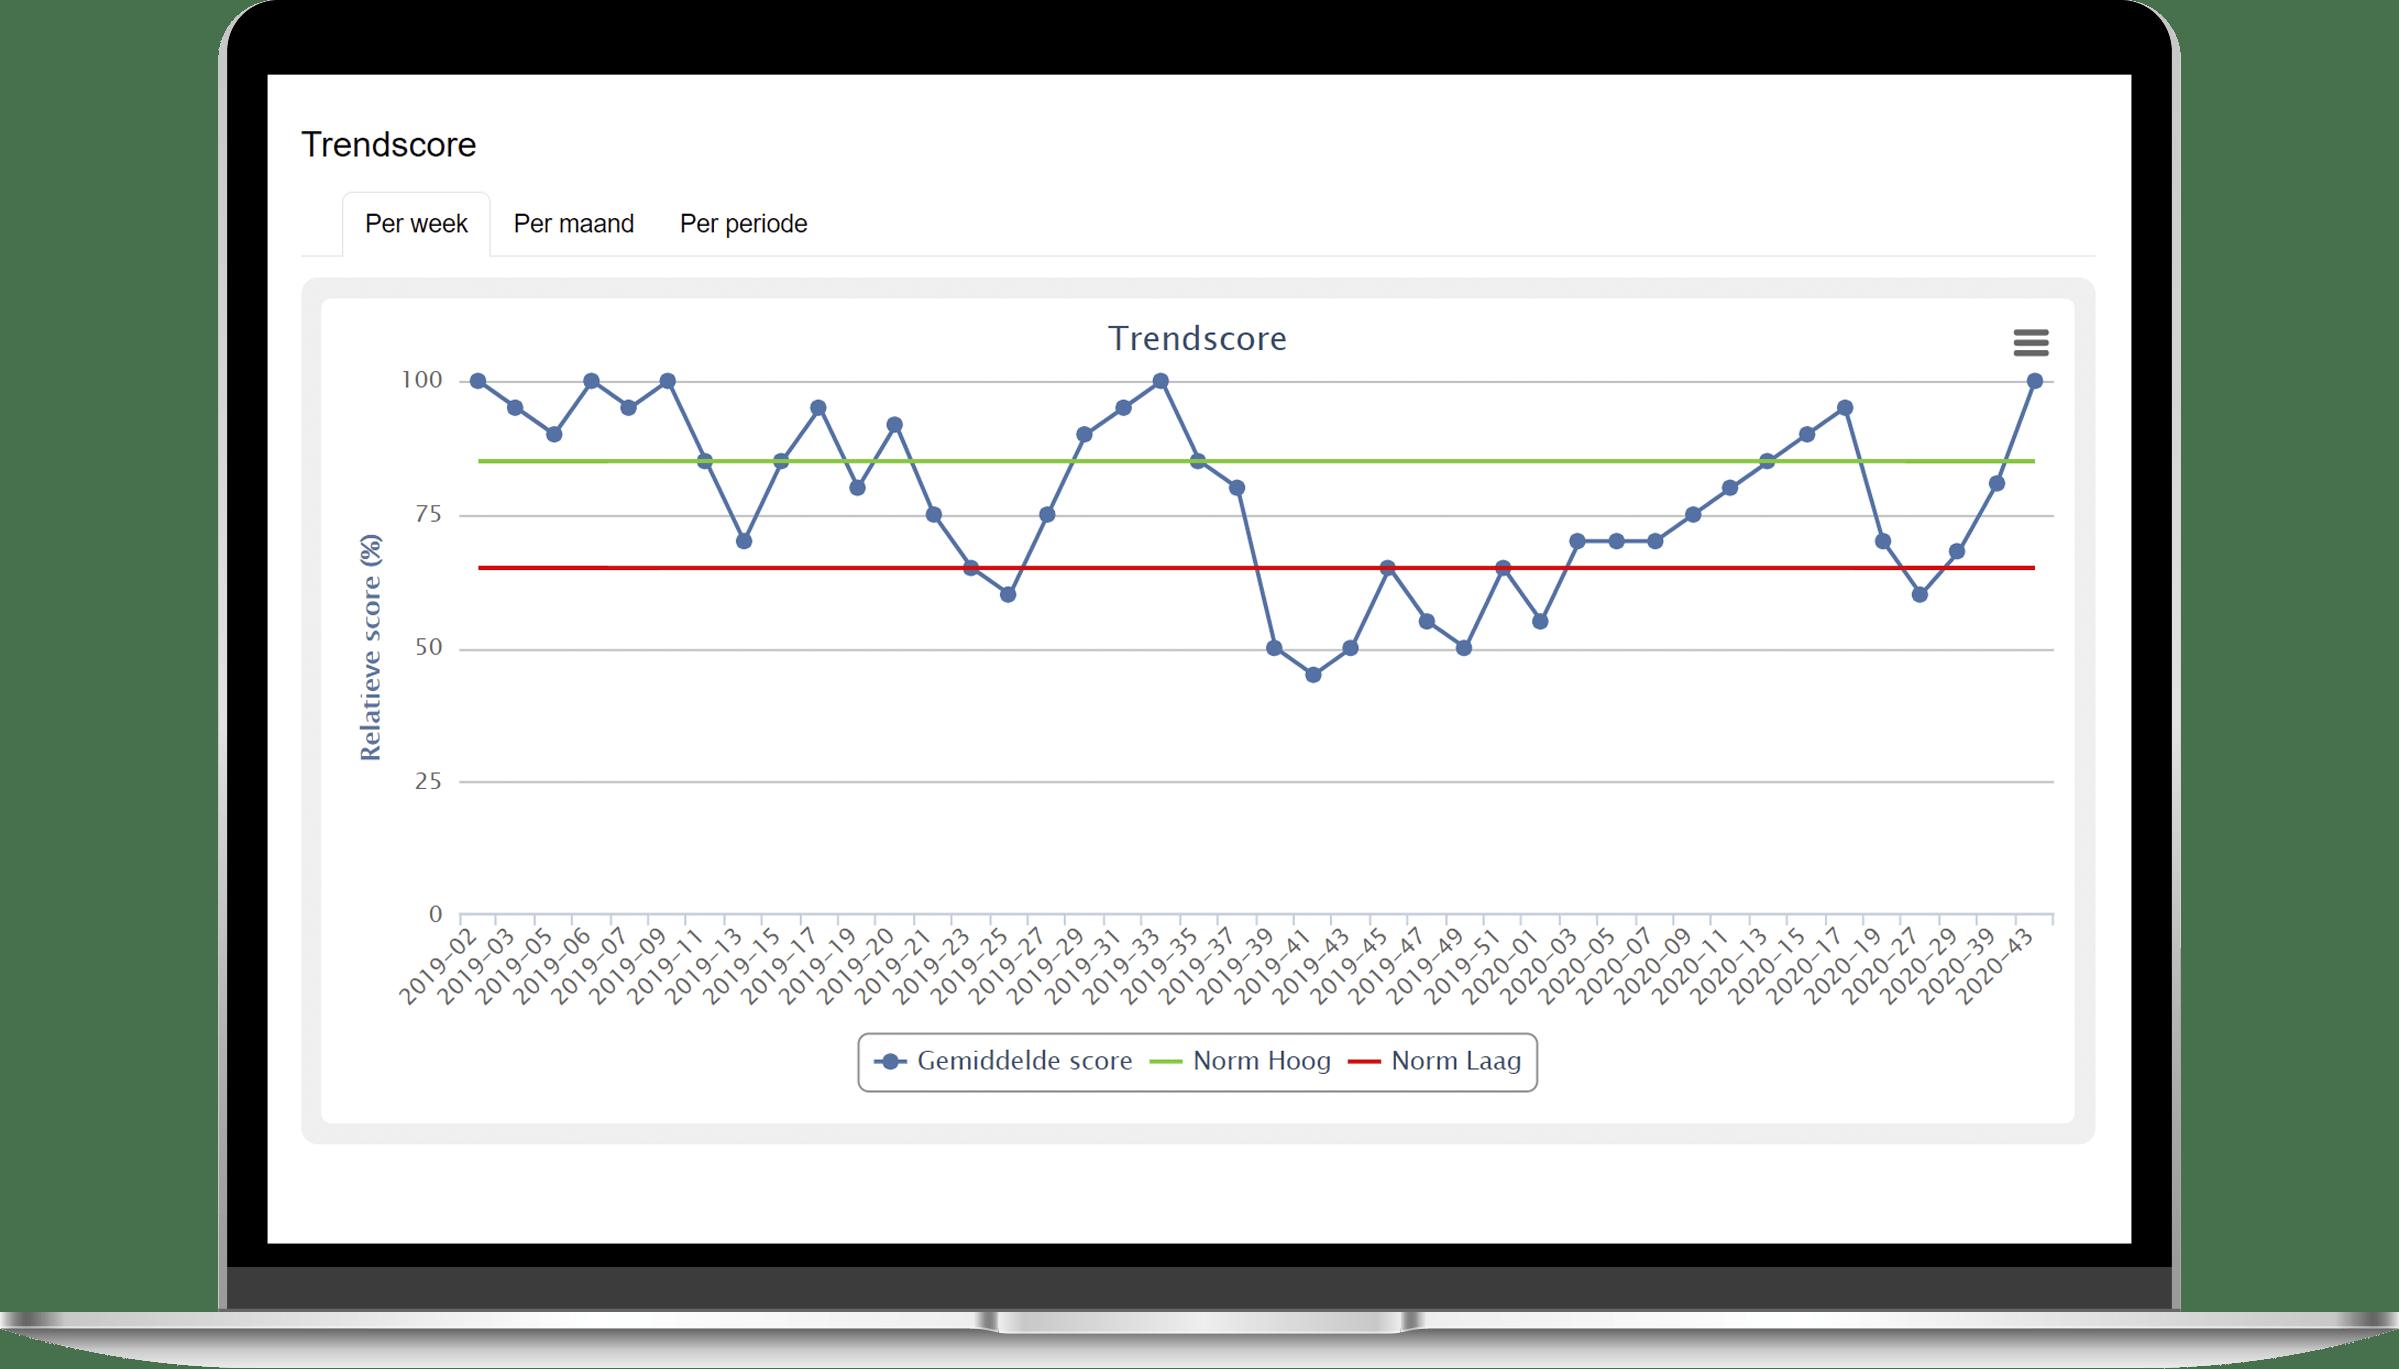 laptop-trendscore-nfo-6